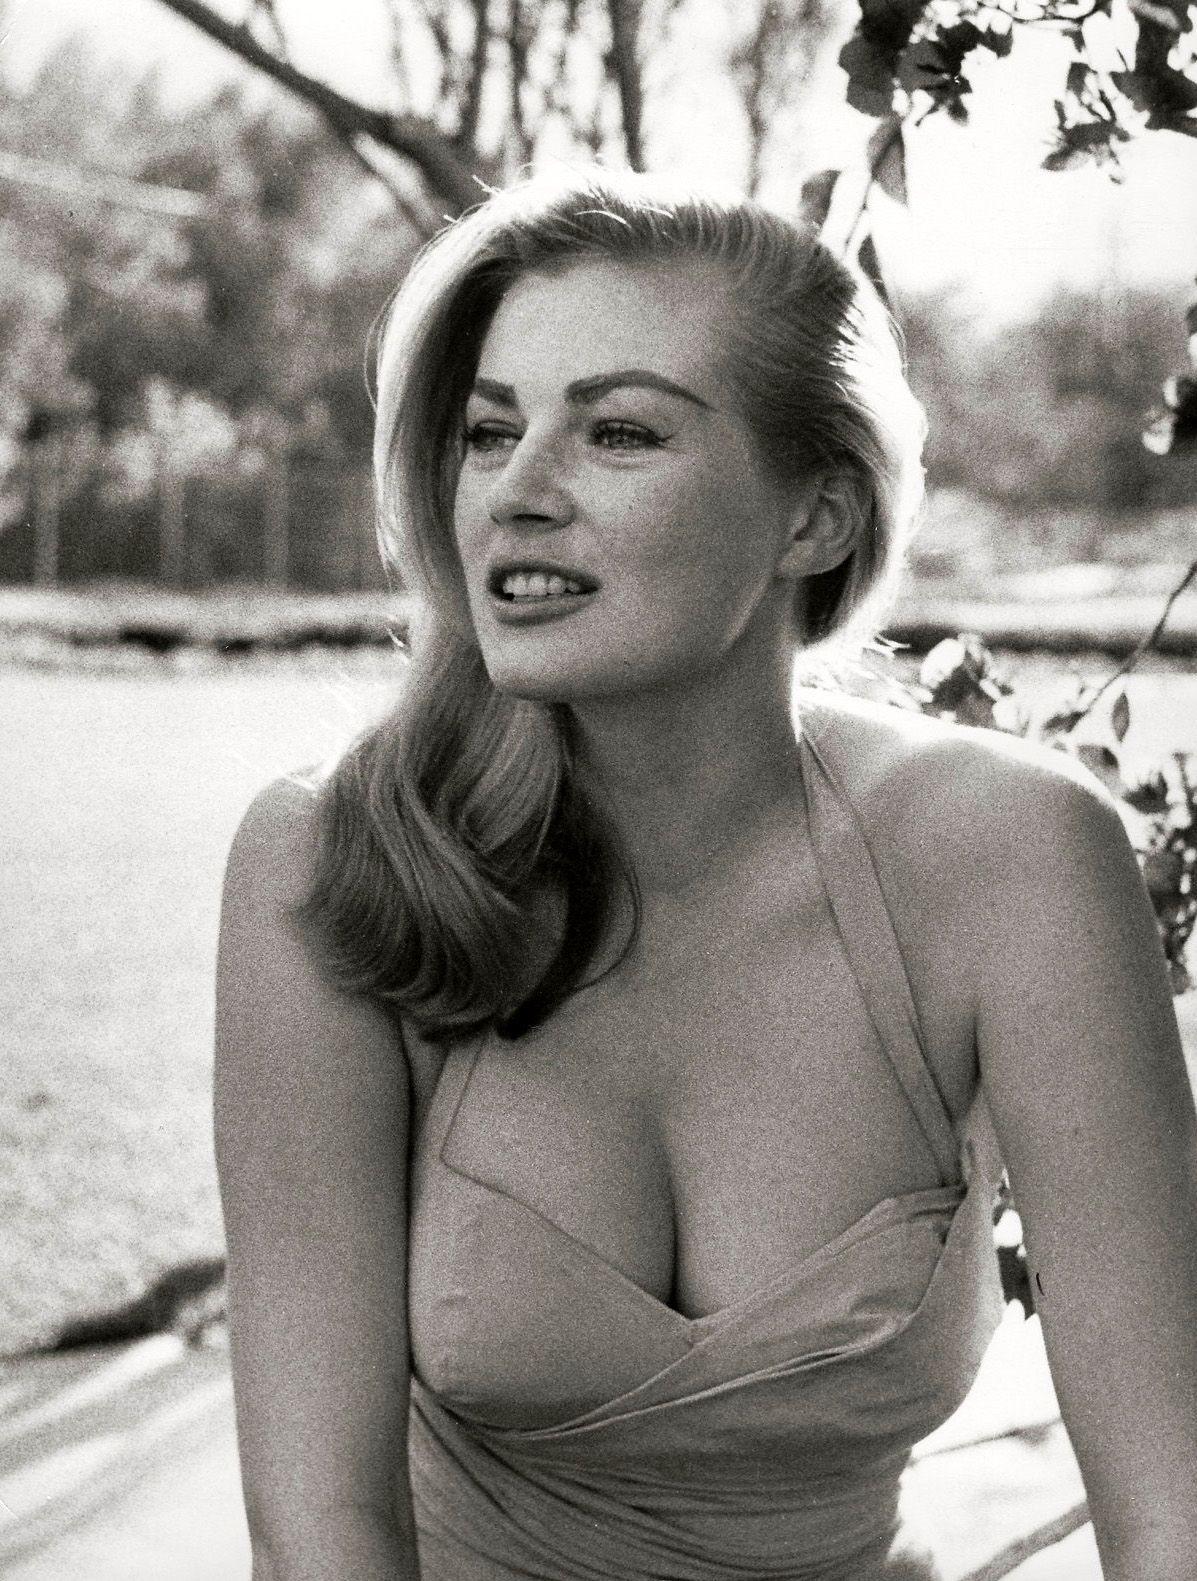 анита экберг секс-символ модельная карьера актрисы Leo Jonah модель начало